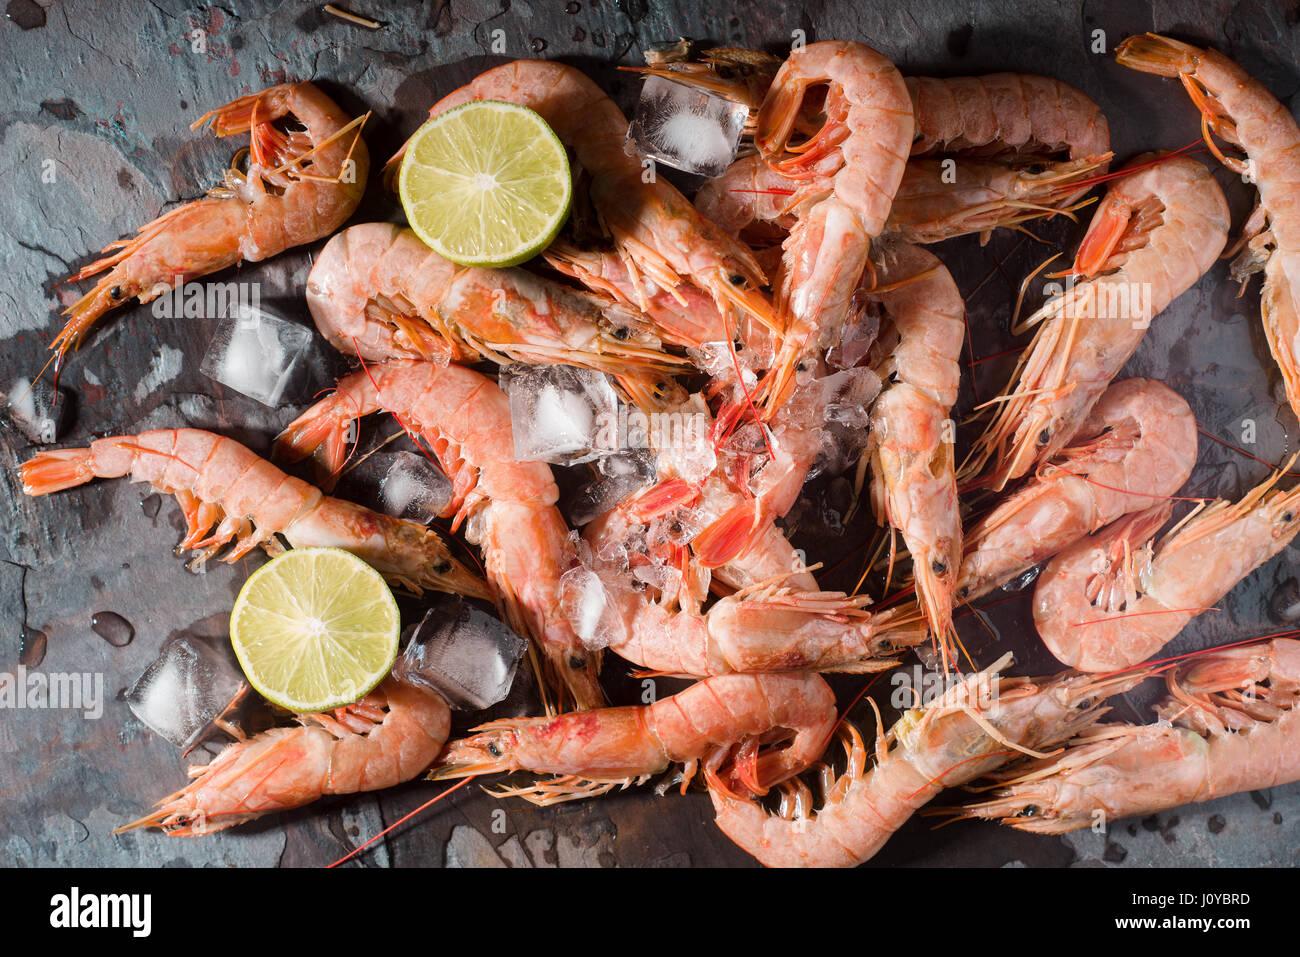 Crevettes fraîches servi sur une ardoise gris avec de la chaux et de la glace Photo Stock